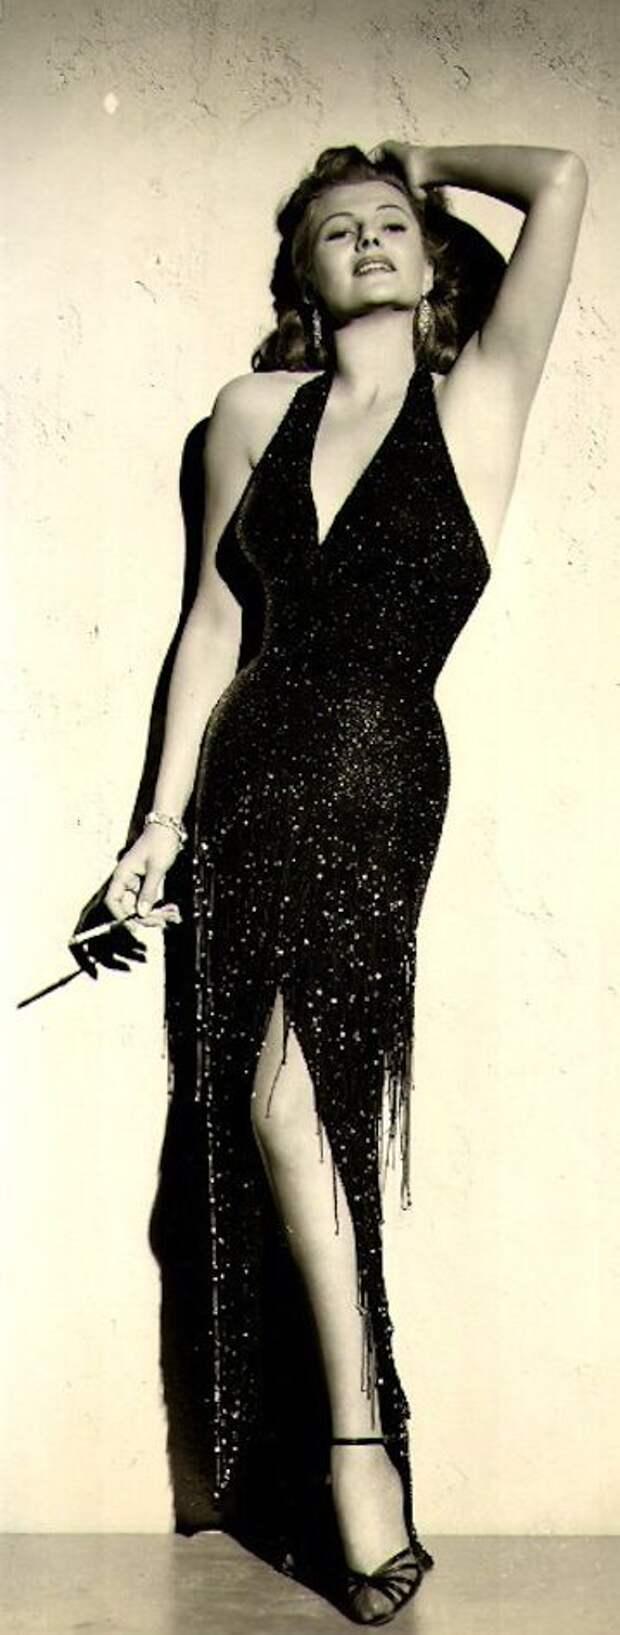 Самые чувственные фотографии кинобогини Золотой Эры Голливуда Риты Хейворт.